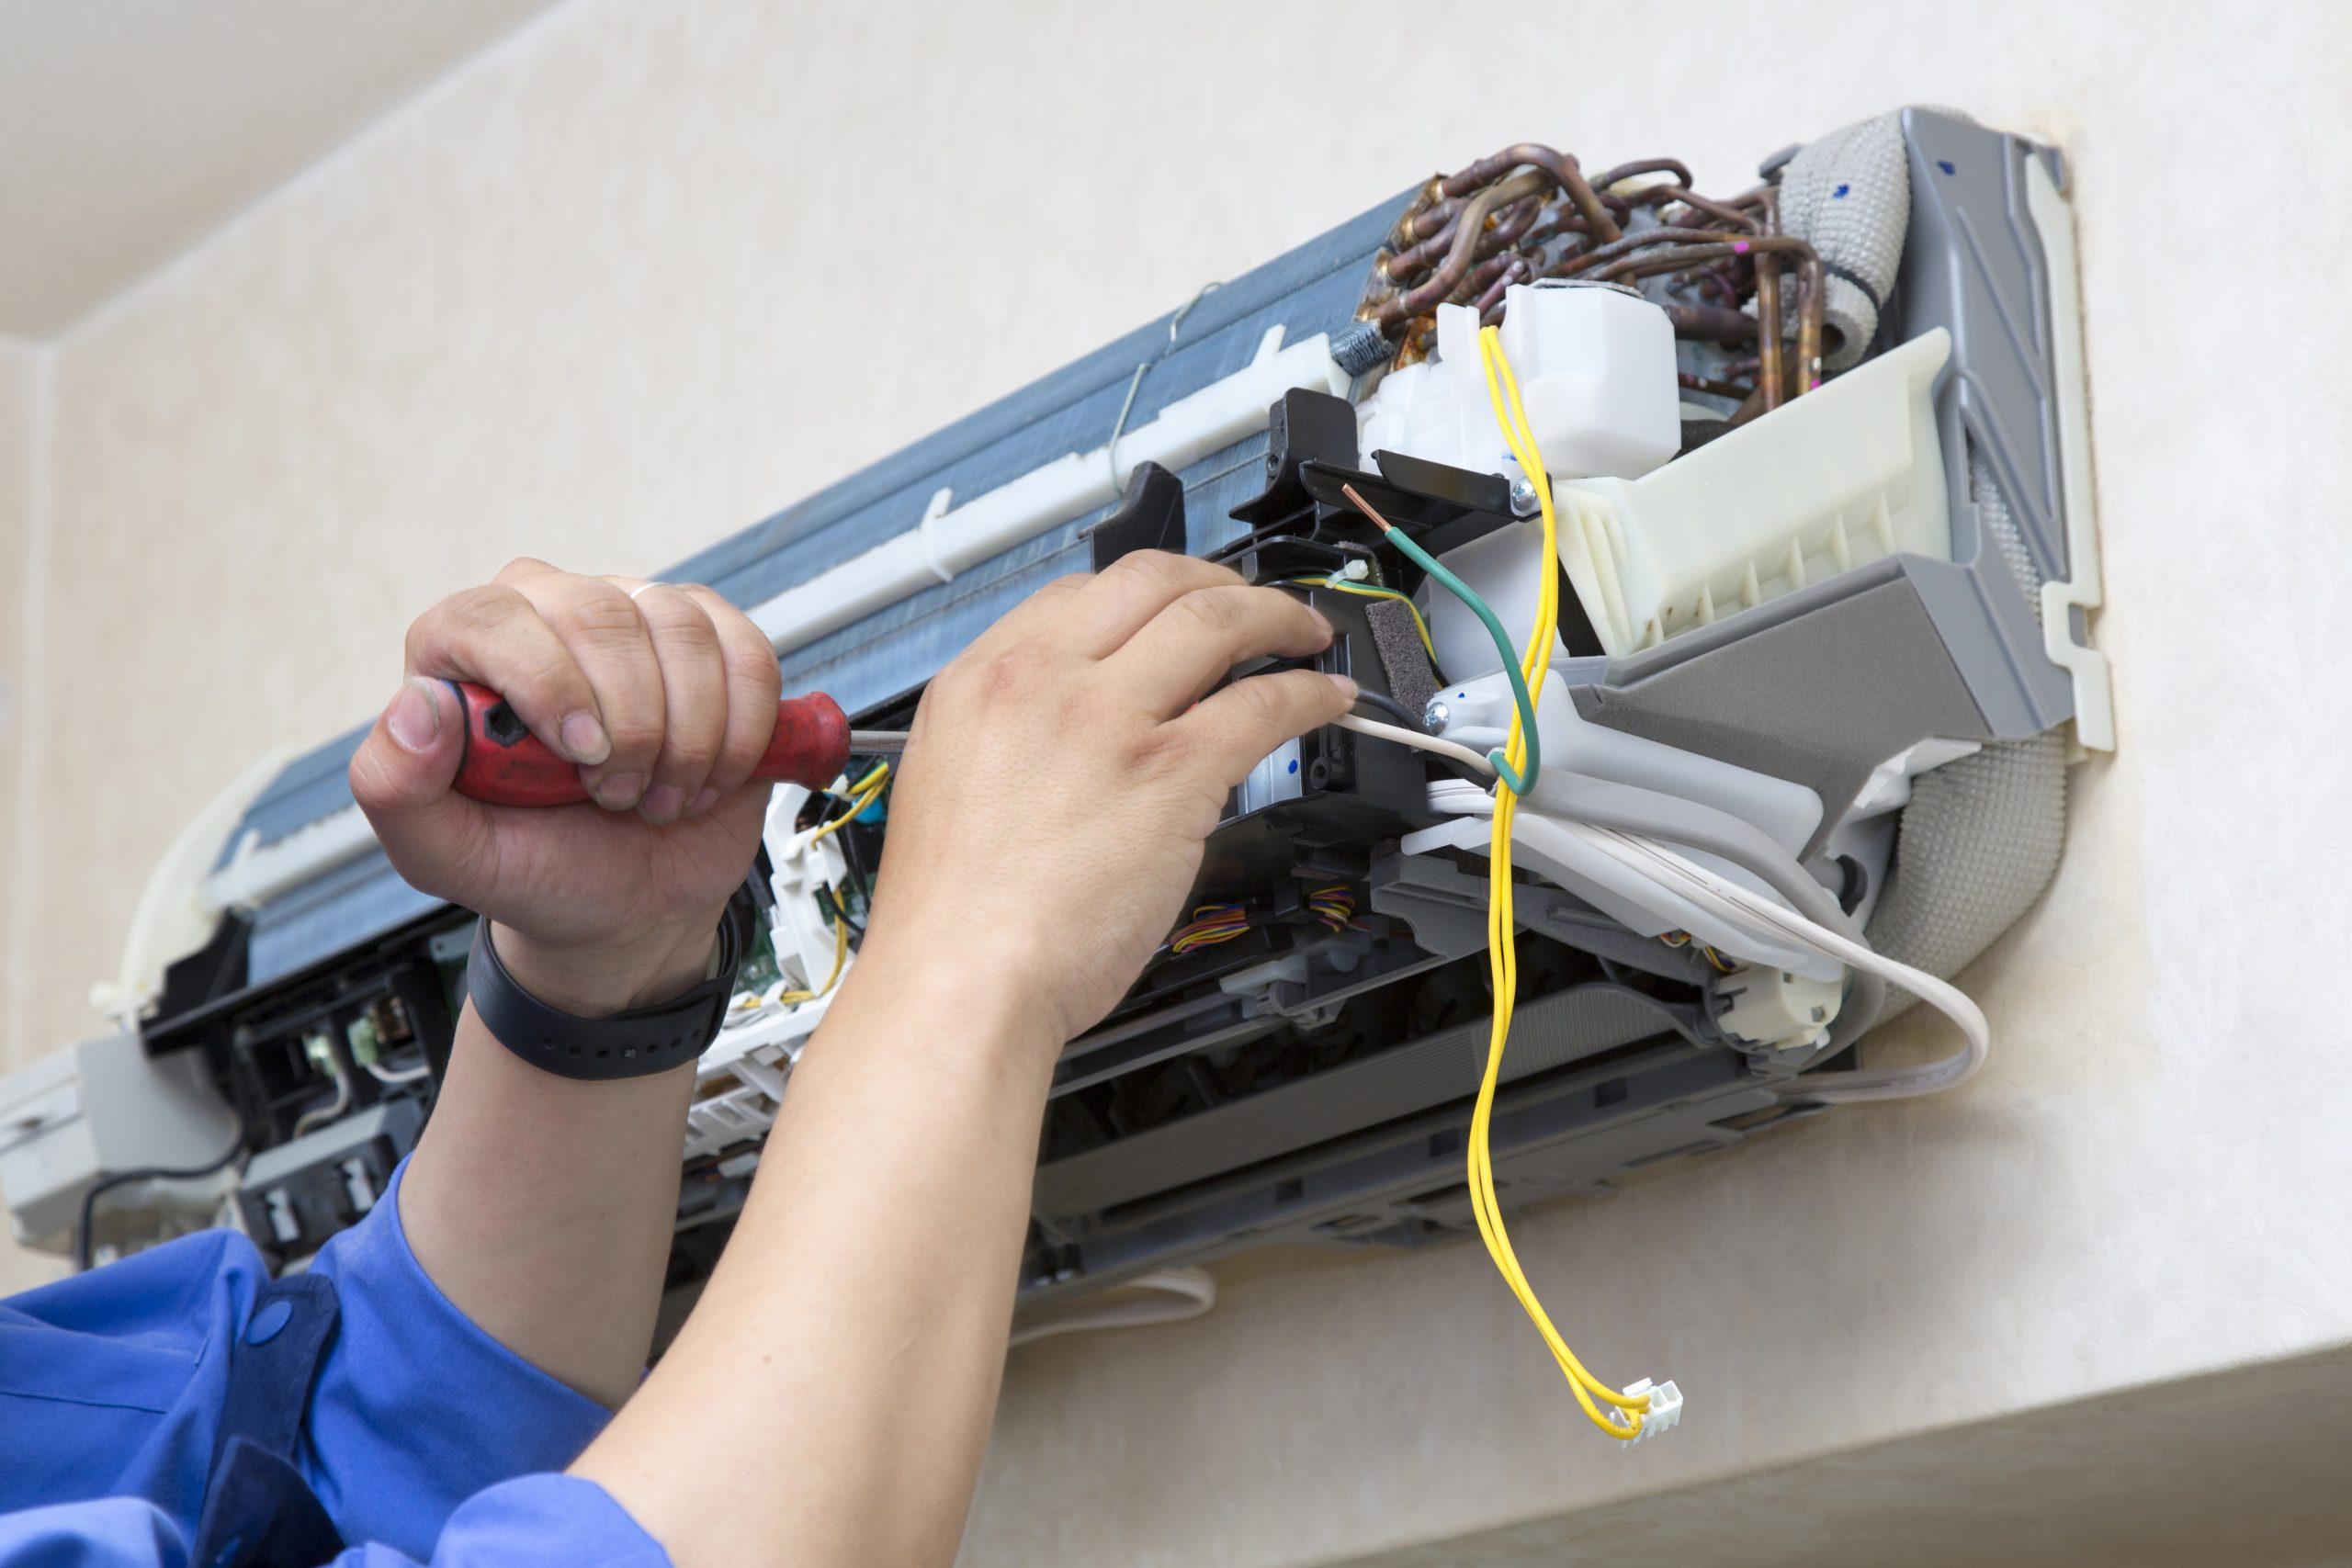 Hier repariert ein Mechatroniker eine Klimaanlage